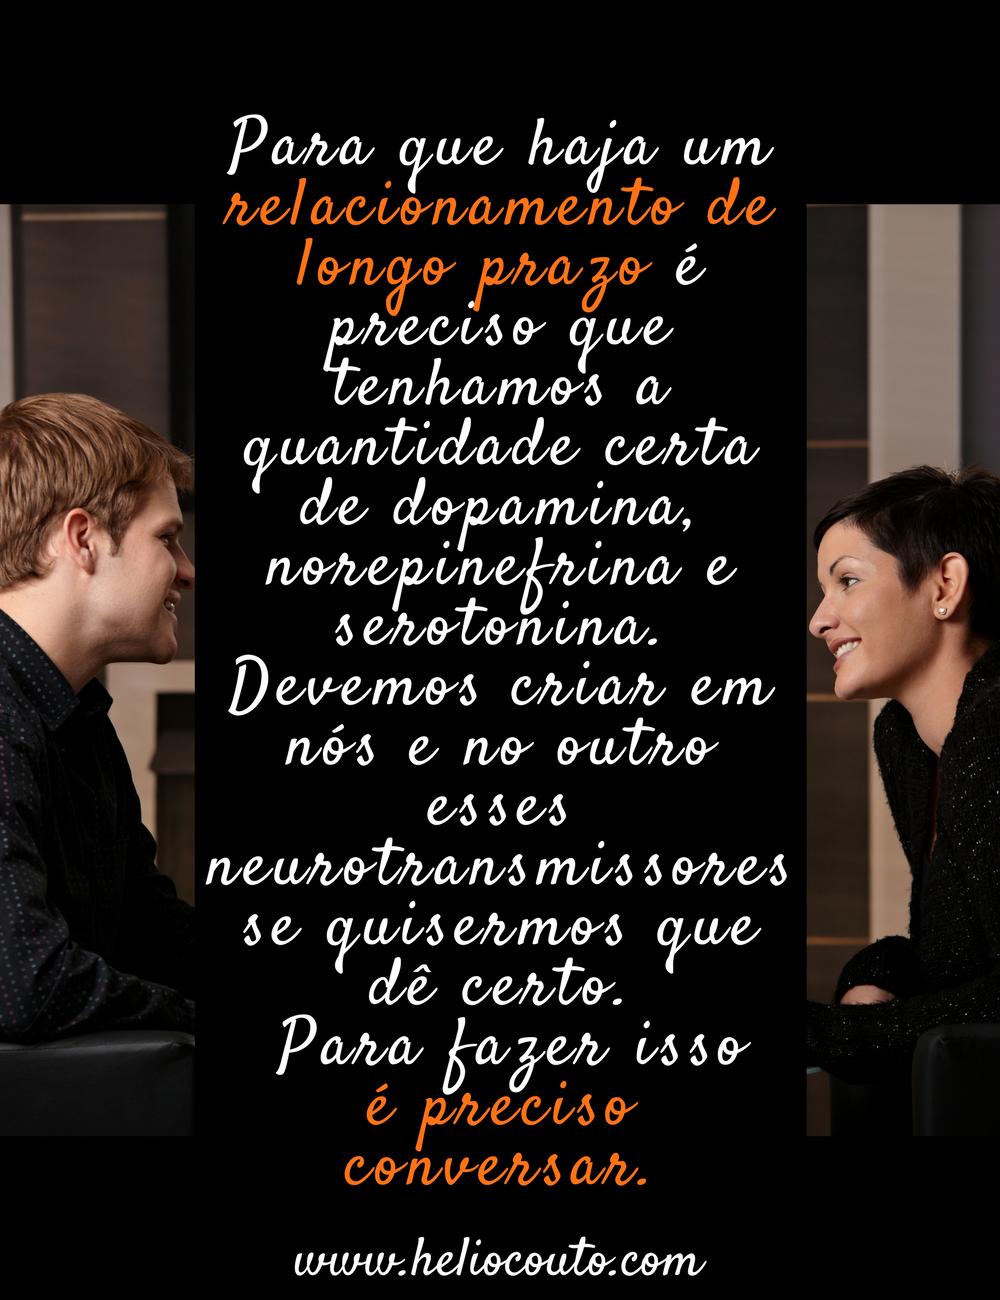 &gt; <p>Fernanda